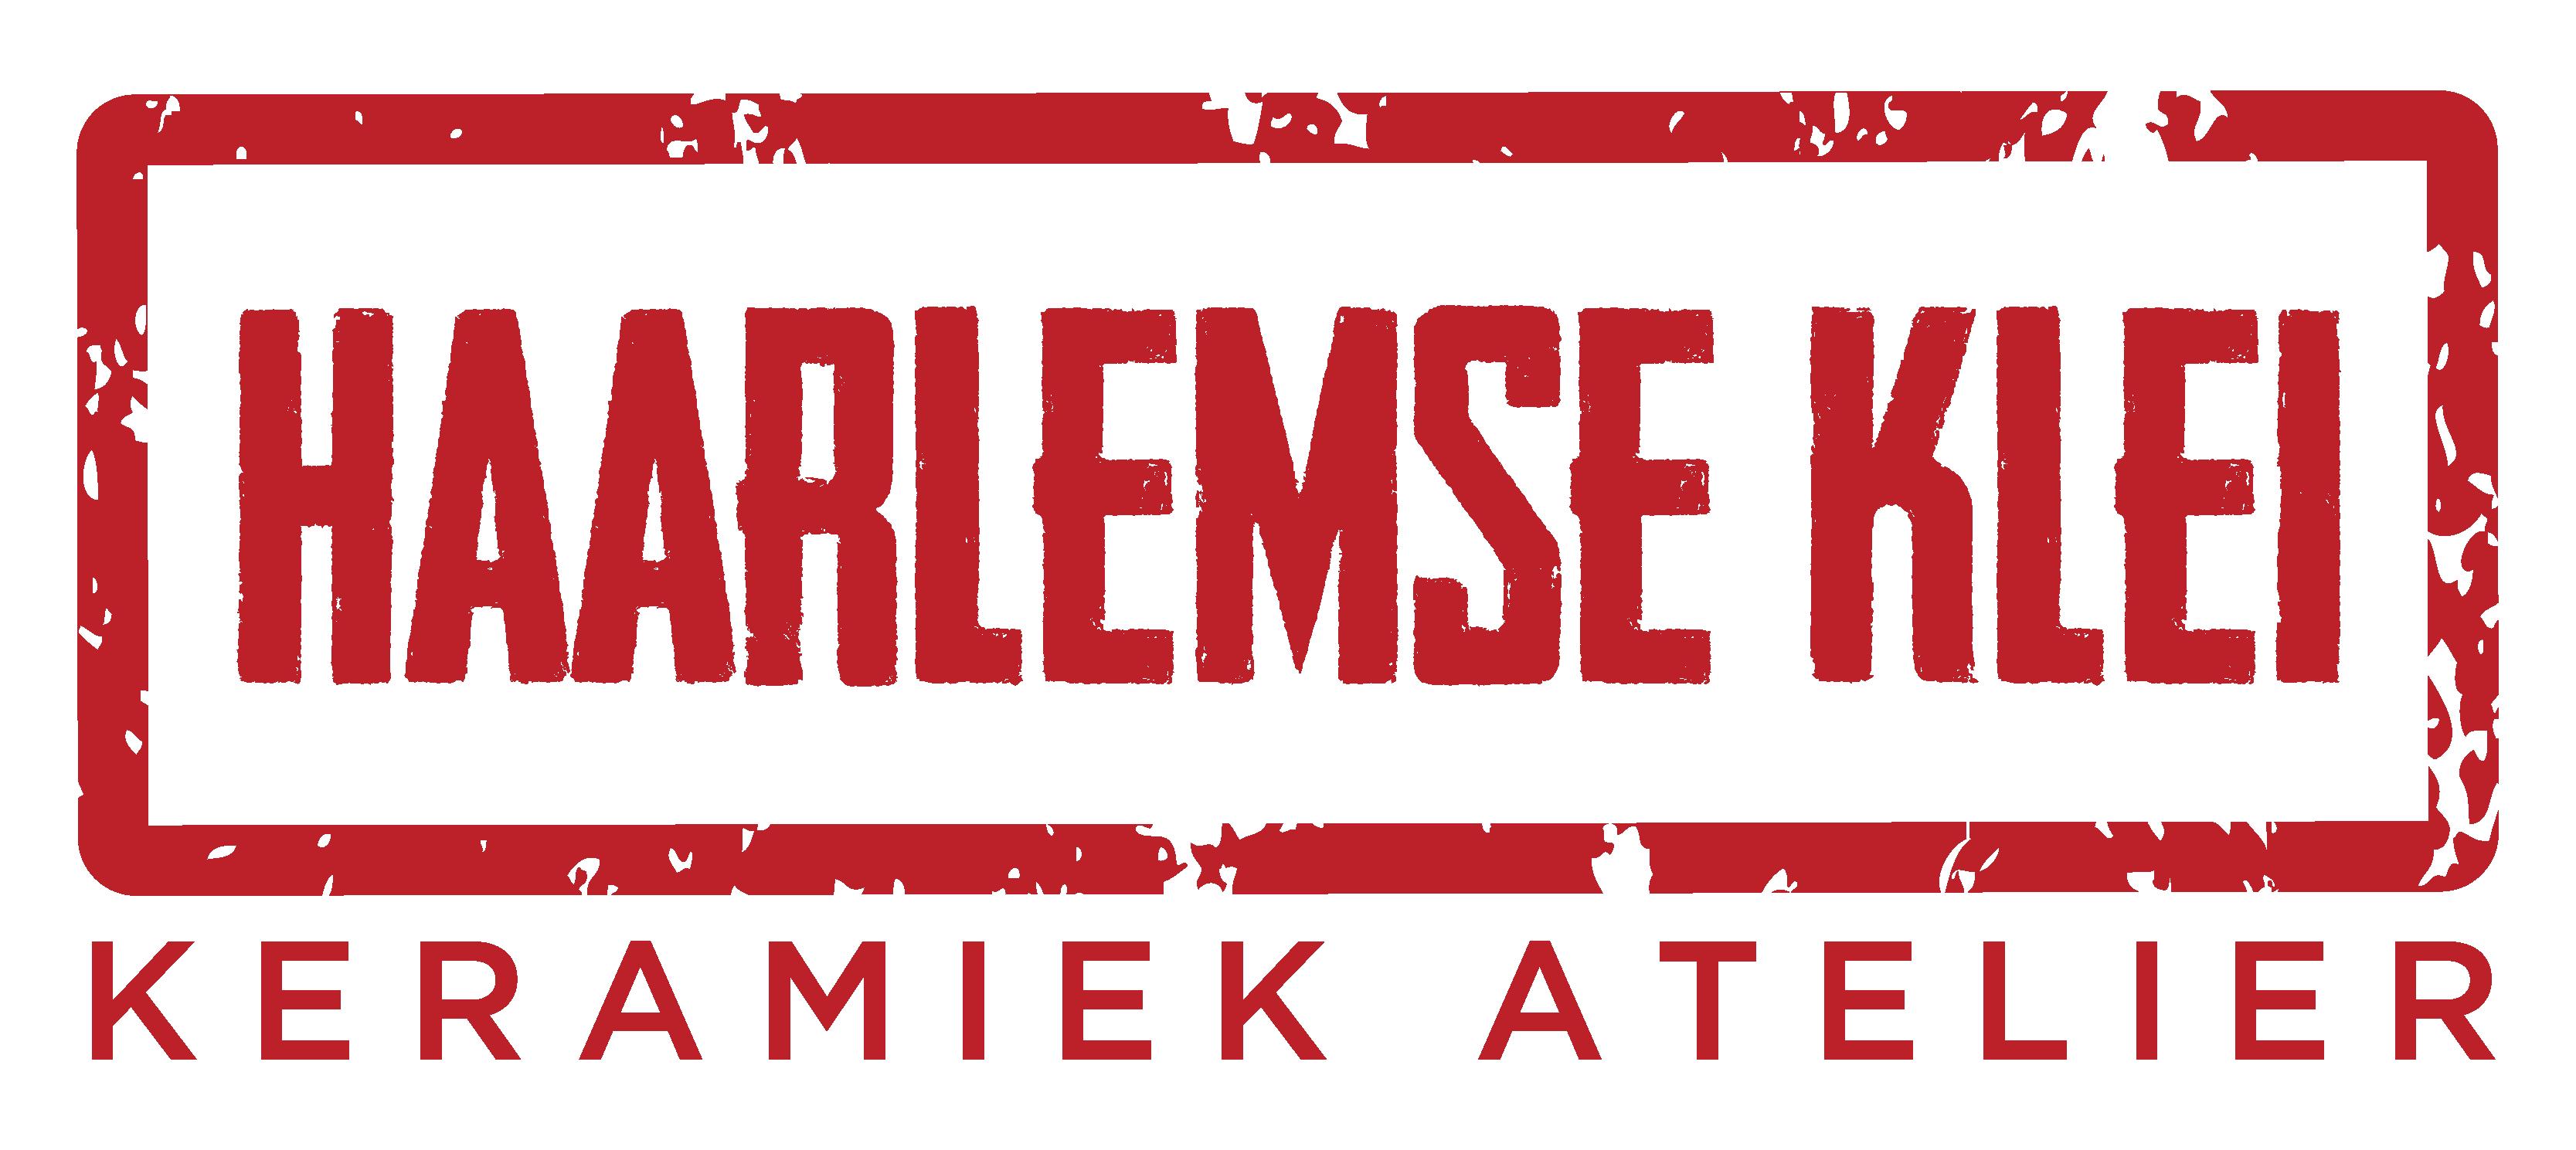 Haarlemse klei